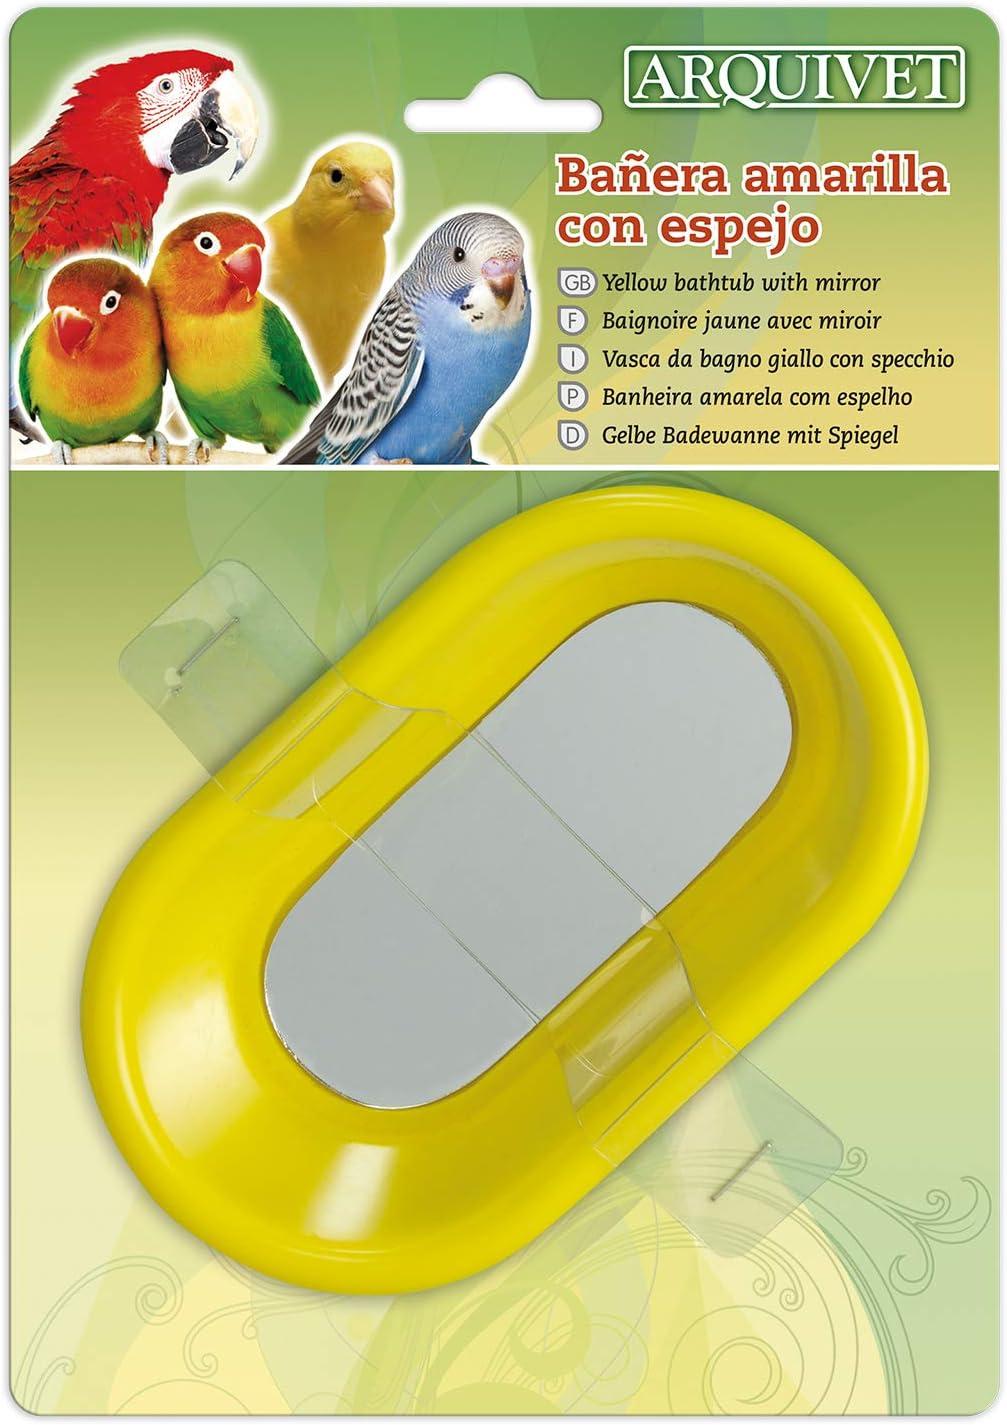 Arquivet Bañera amarilla para pájaros con espejo